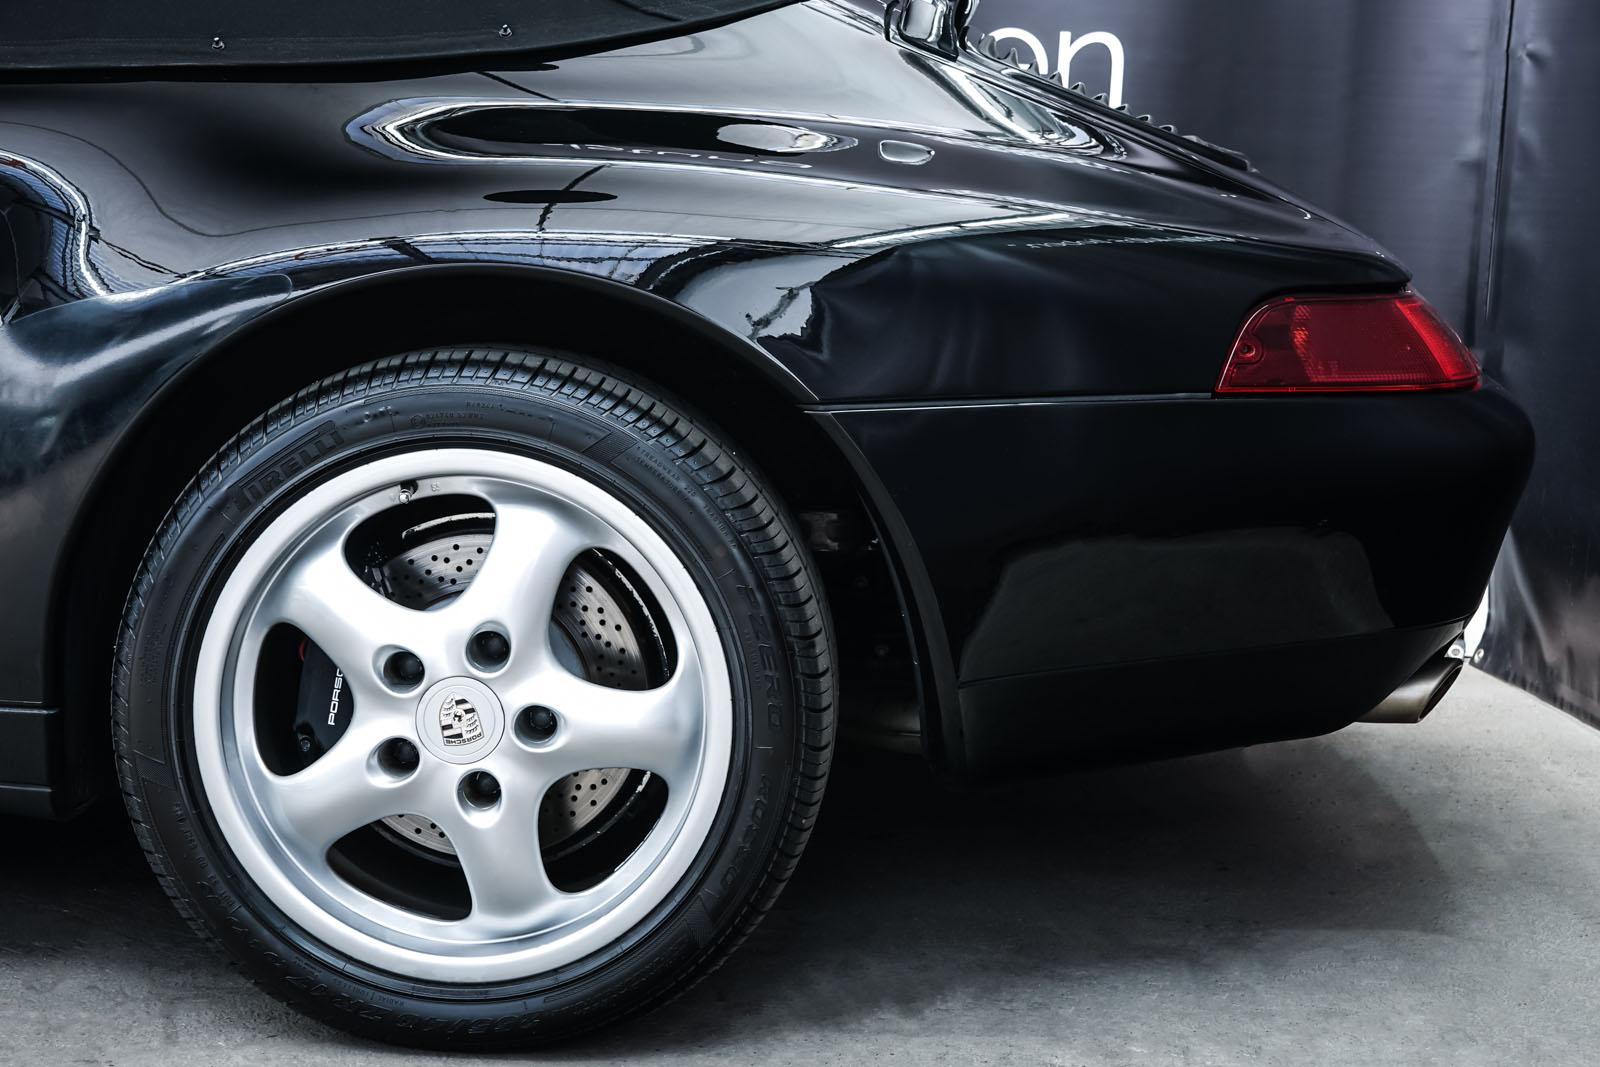 Porsche_993_C2_Cabrio_Schwarz_Beige_POR-0137_4_w